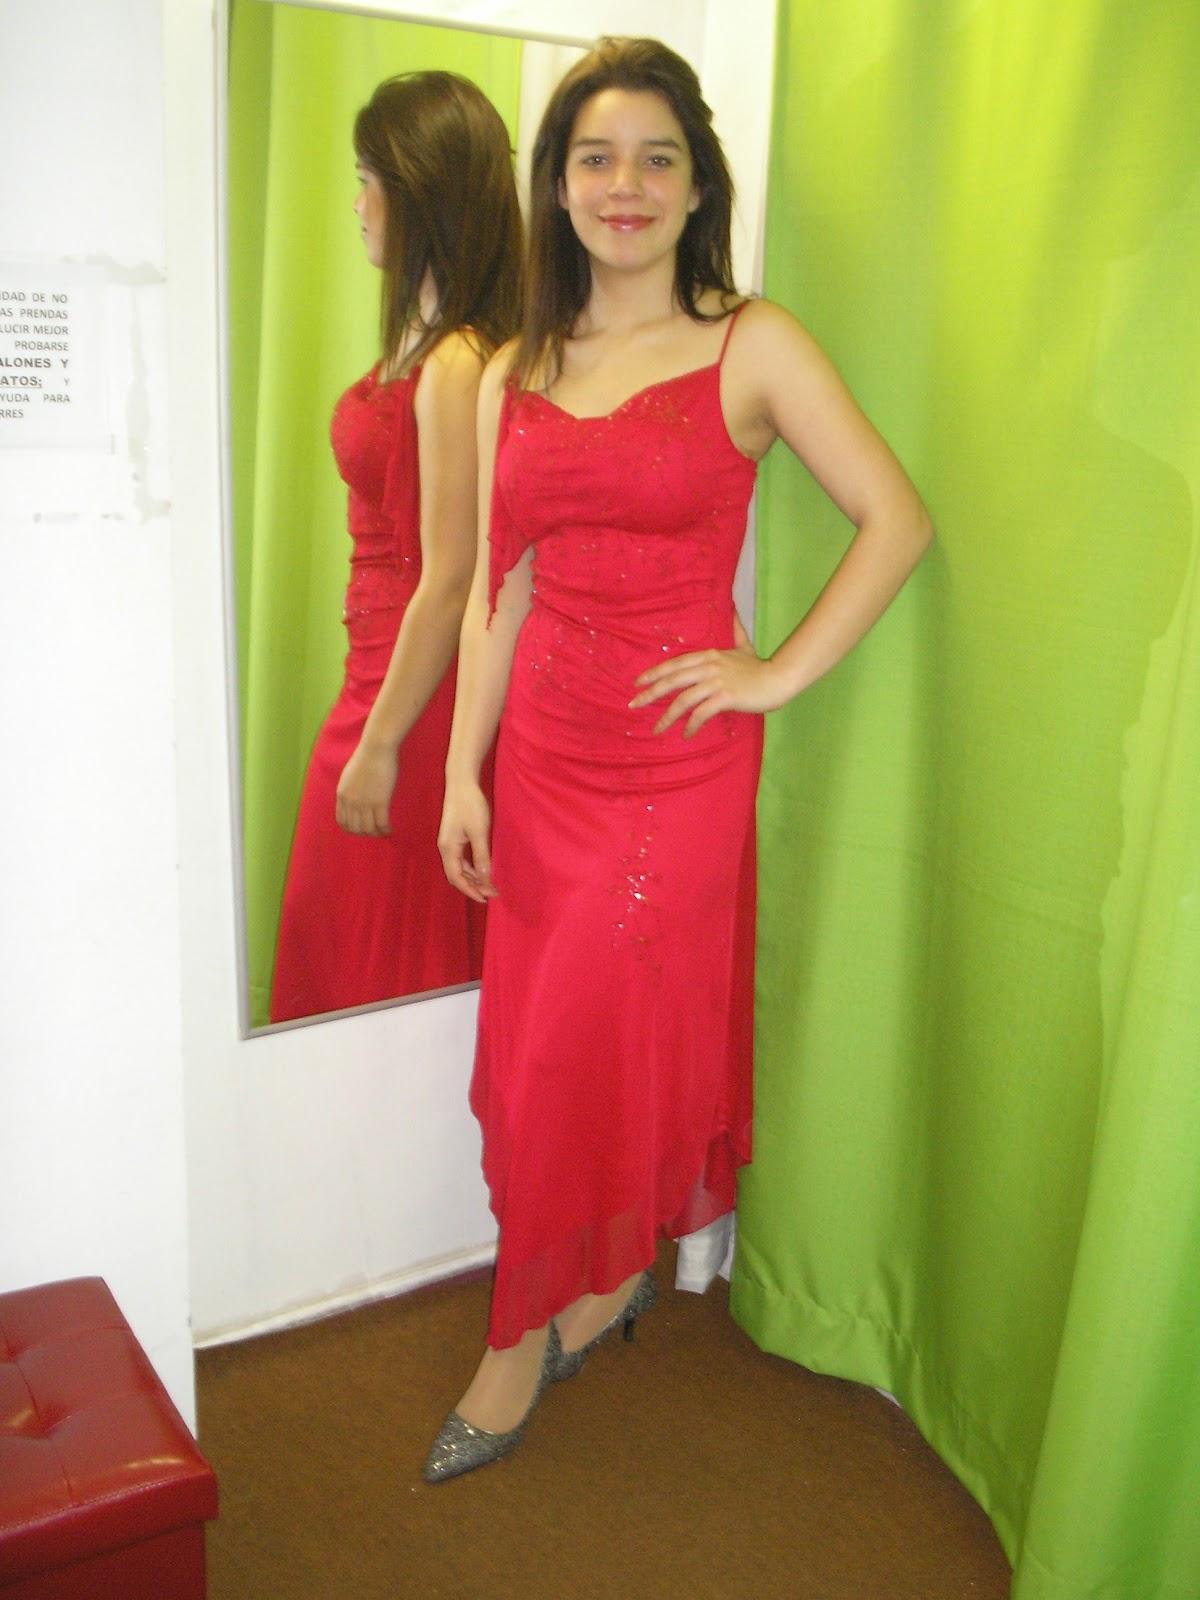 Vestidos de Fiesta , Arriendo y Venta en Temuco. Sin embargo, es ideal que vengas a nuestra tienda ya que cada uno es exclusivo en diseño y talla.